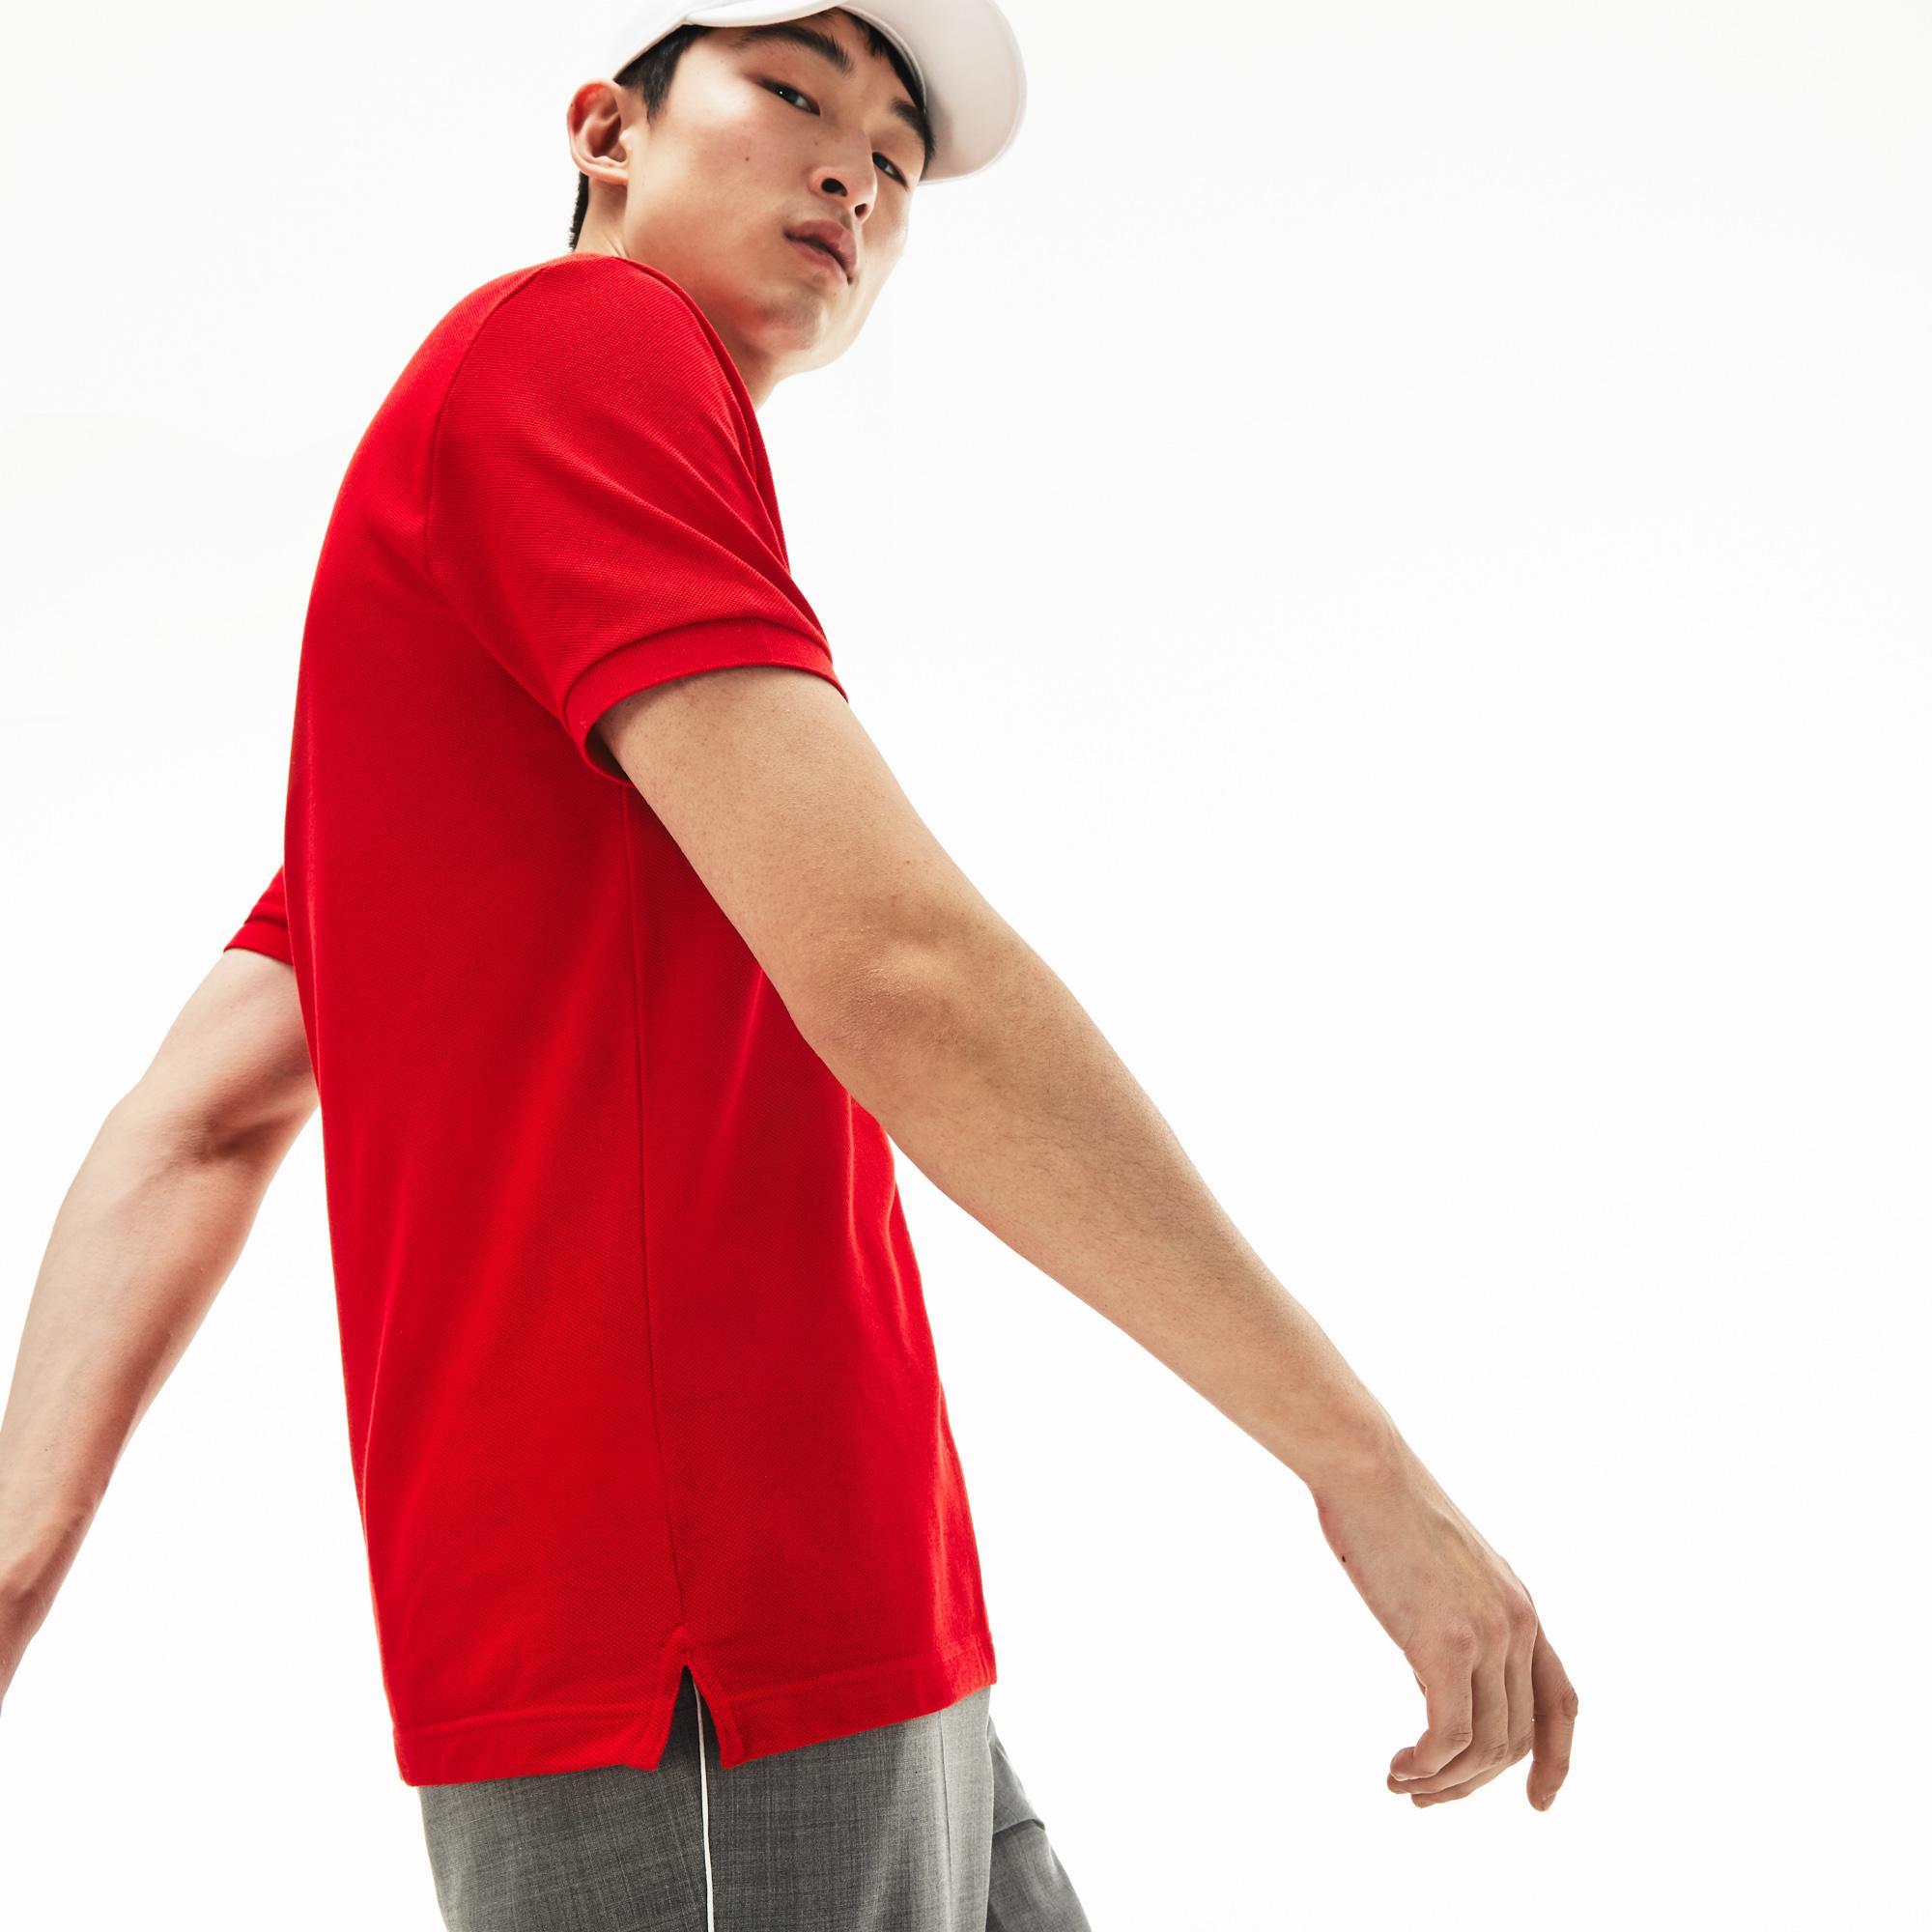 Lacoste Men's Slim Fit Lacoste Polo Shirt in Petit Piqué